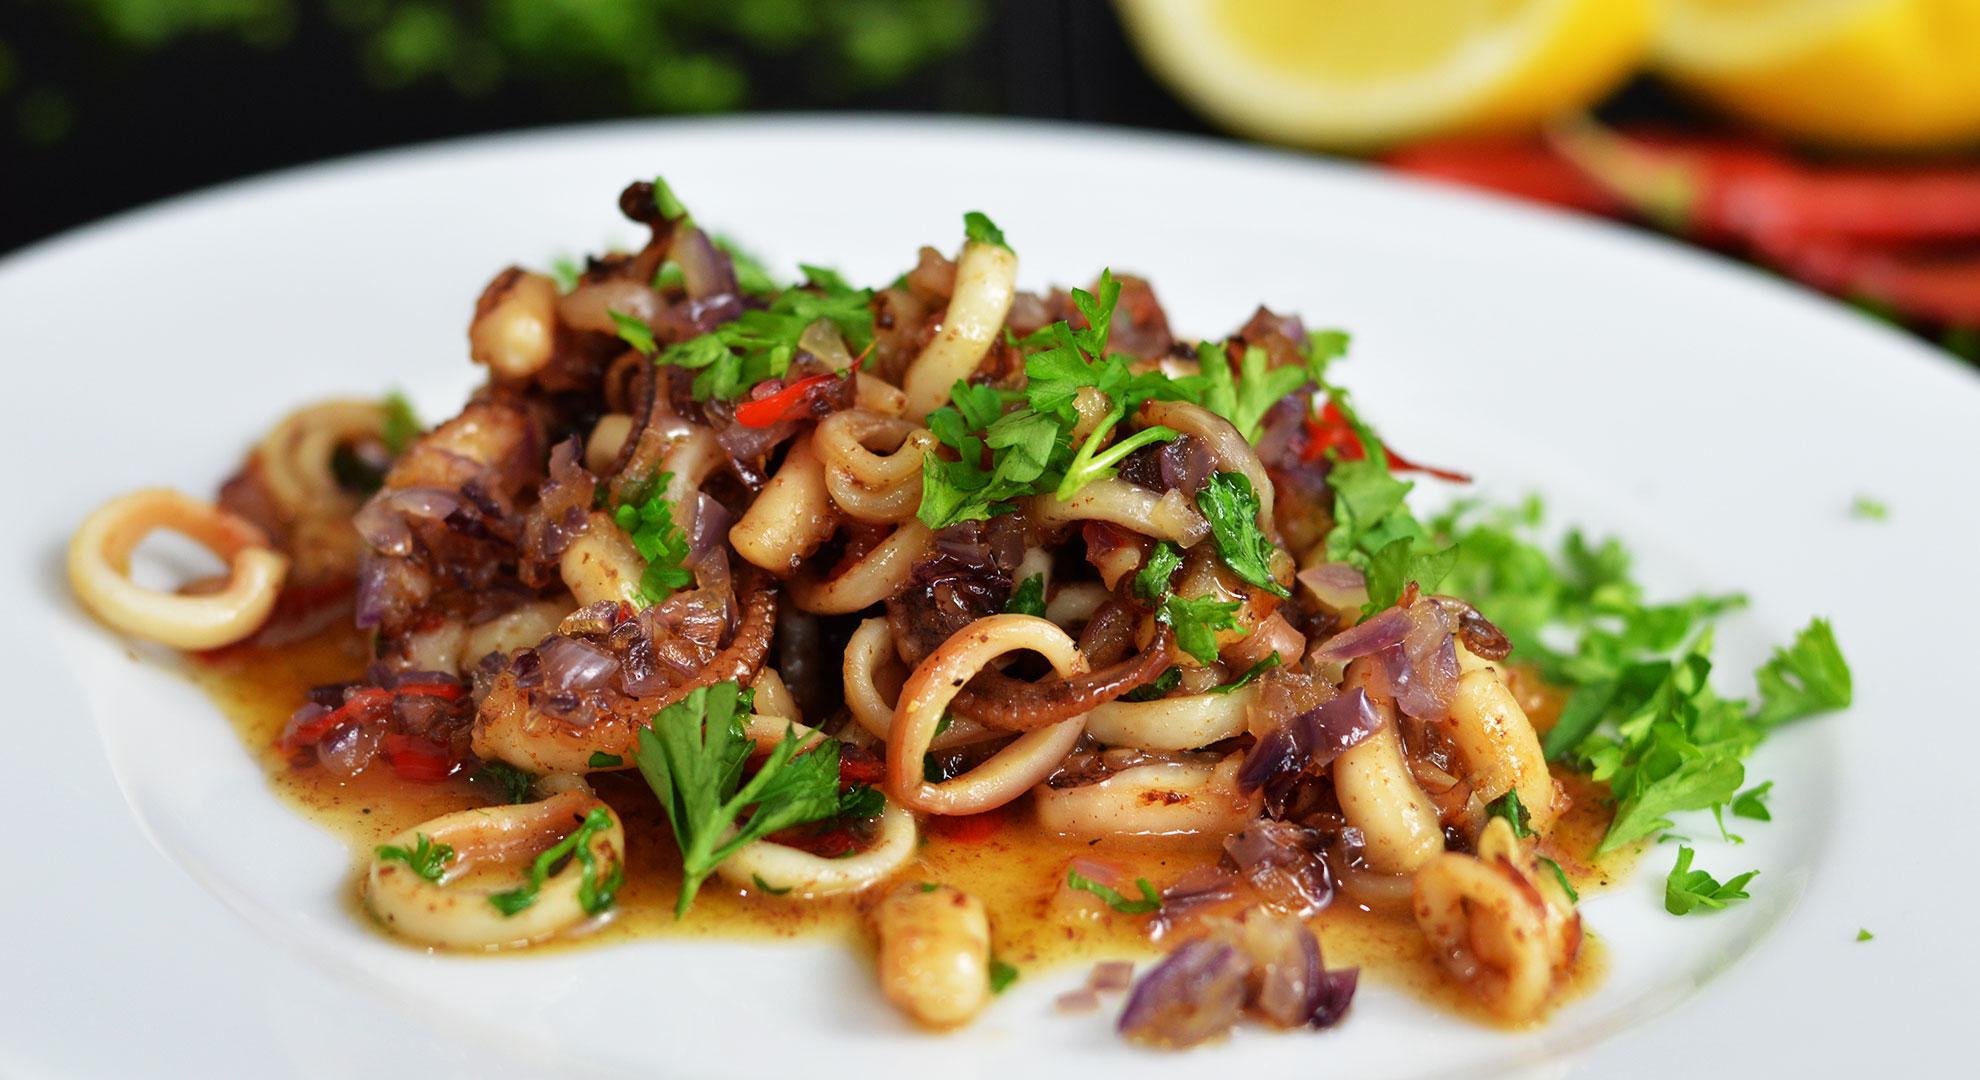 Rezept für Tintenfisch mit Honig, Zitrone und Chili | www.dearlicious.com